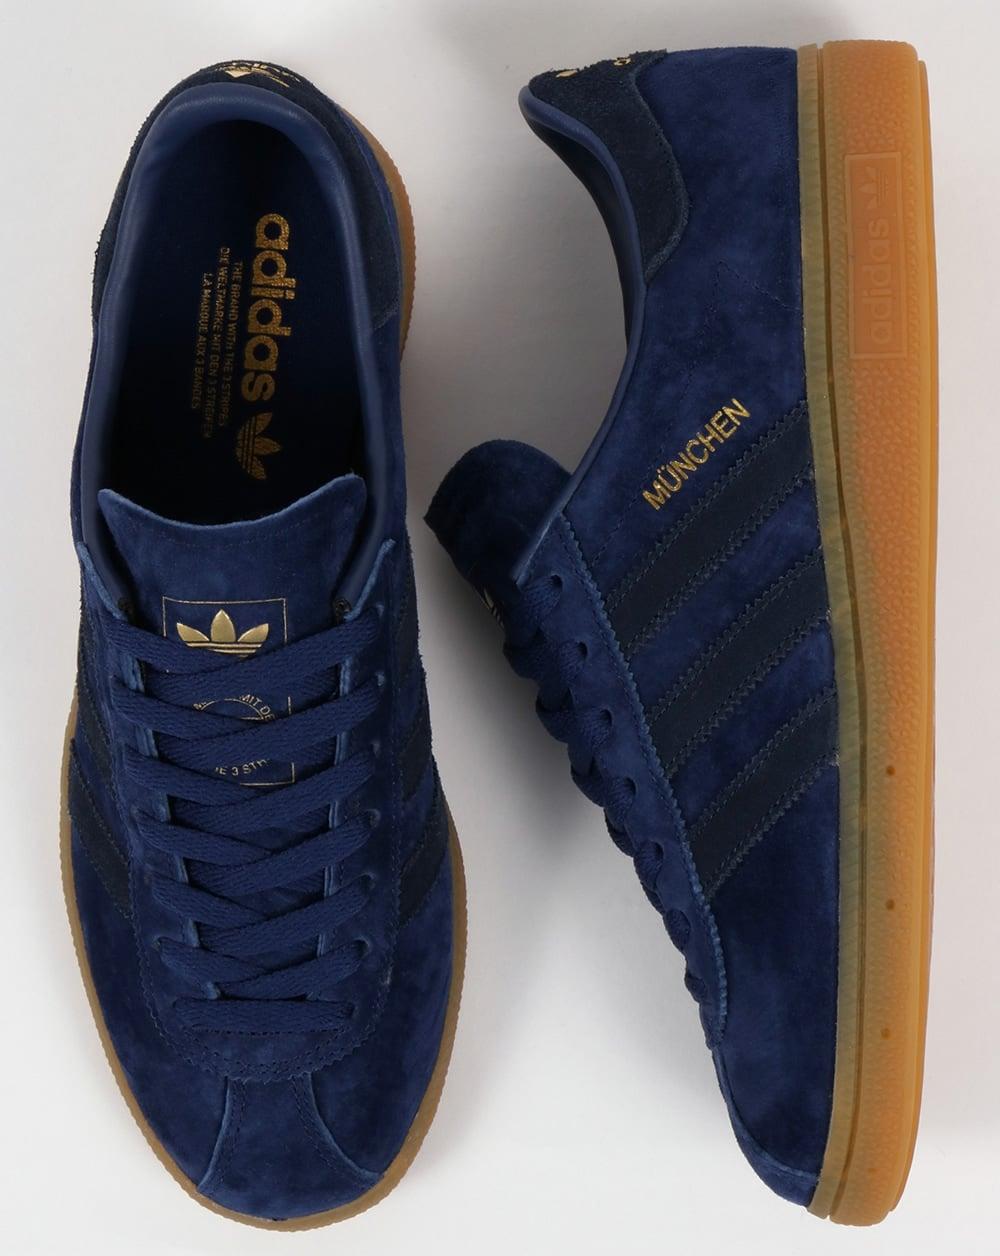 Adidas Munchen Trainers Blue, Navy, Rich, originals,mens